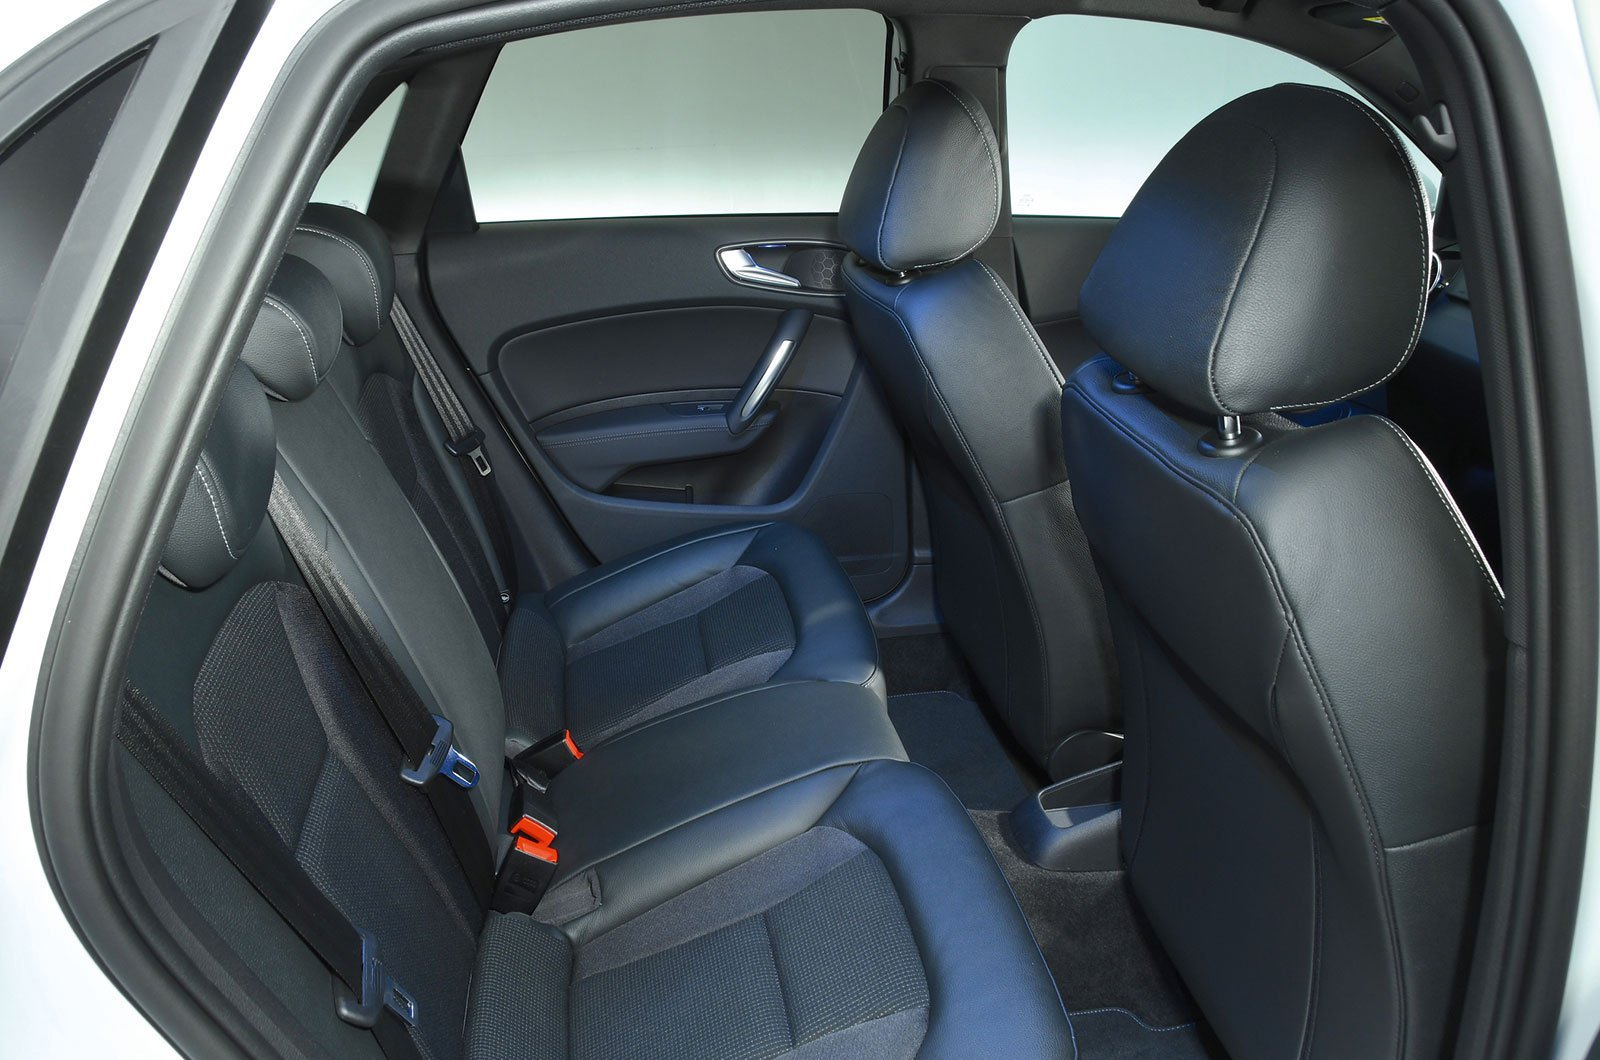 Audi A1 rear seats